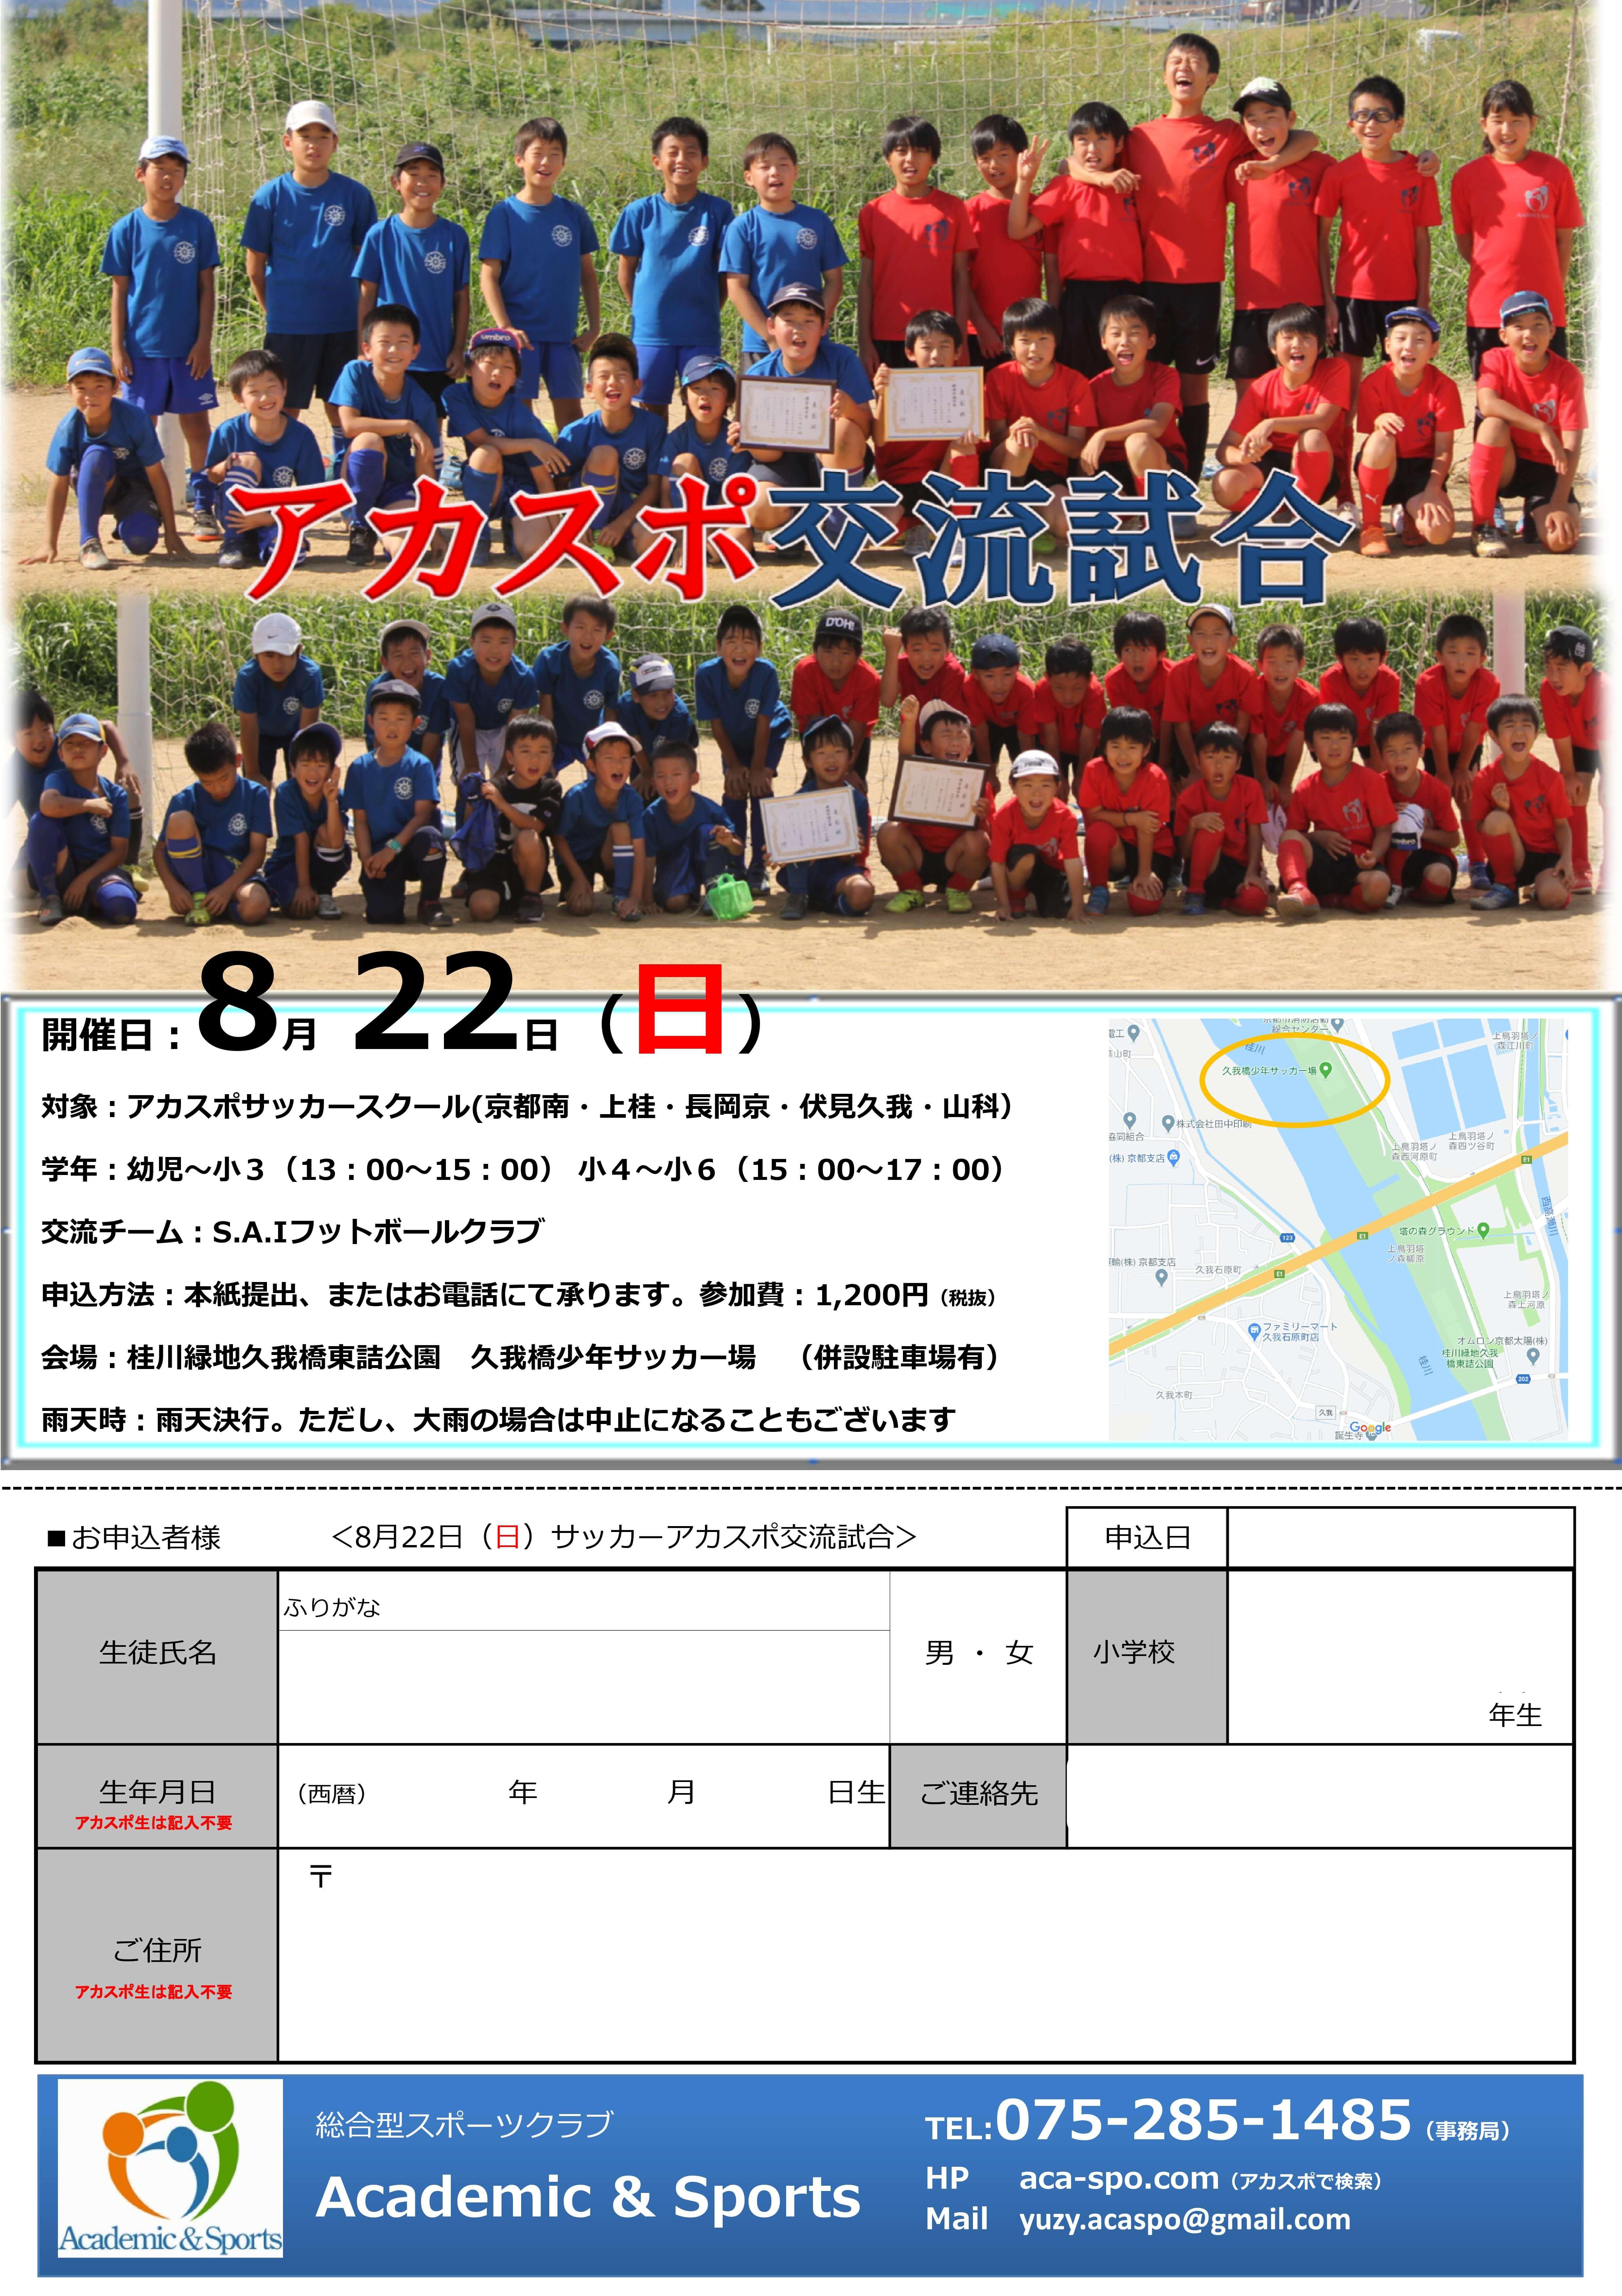 【サッカースクール】アカスポ交流試合